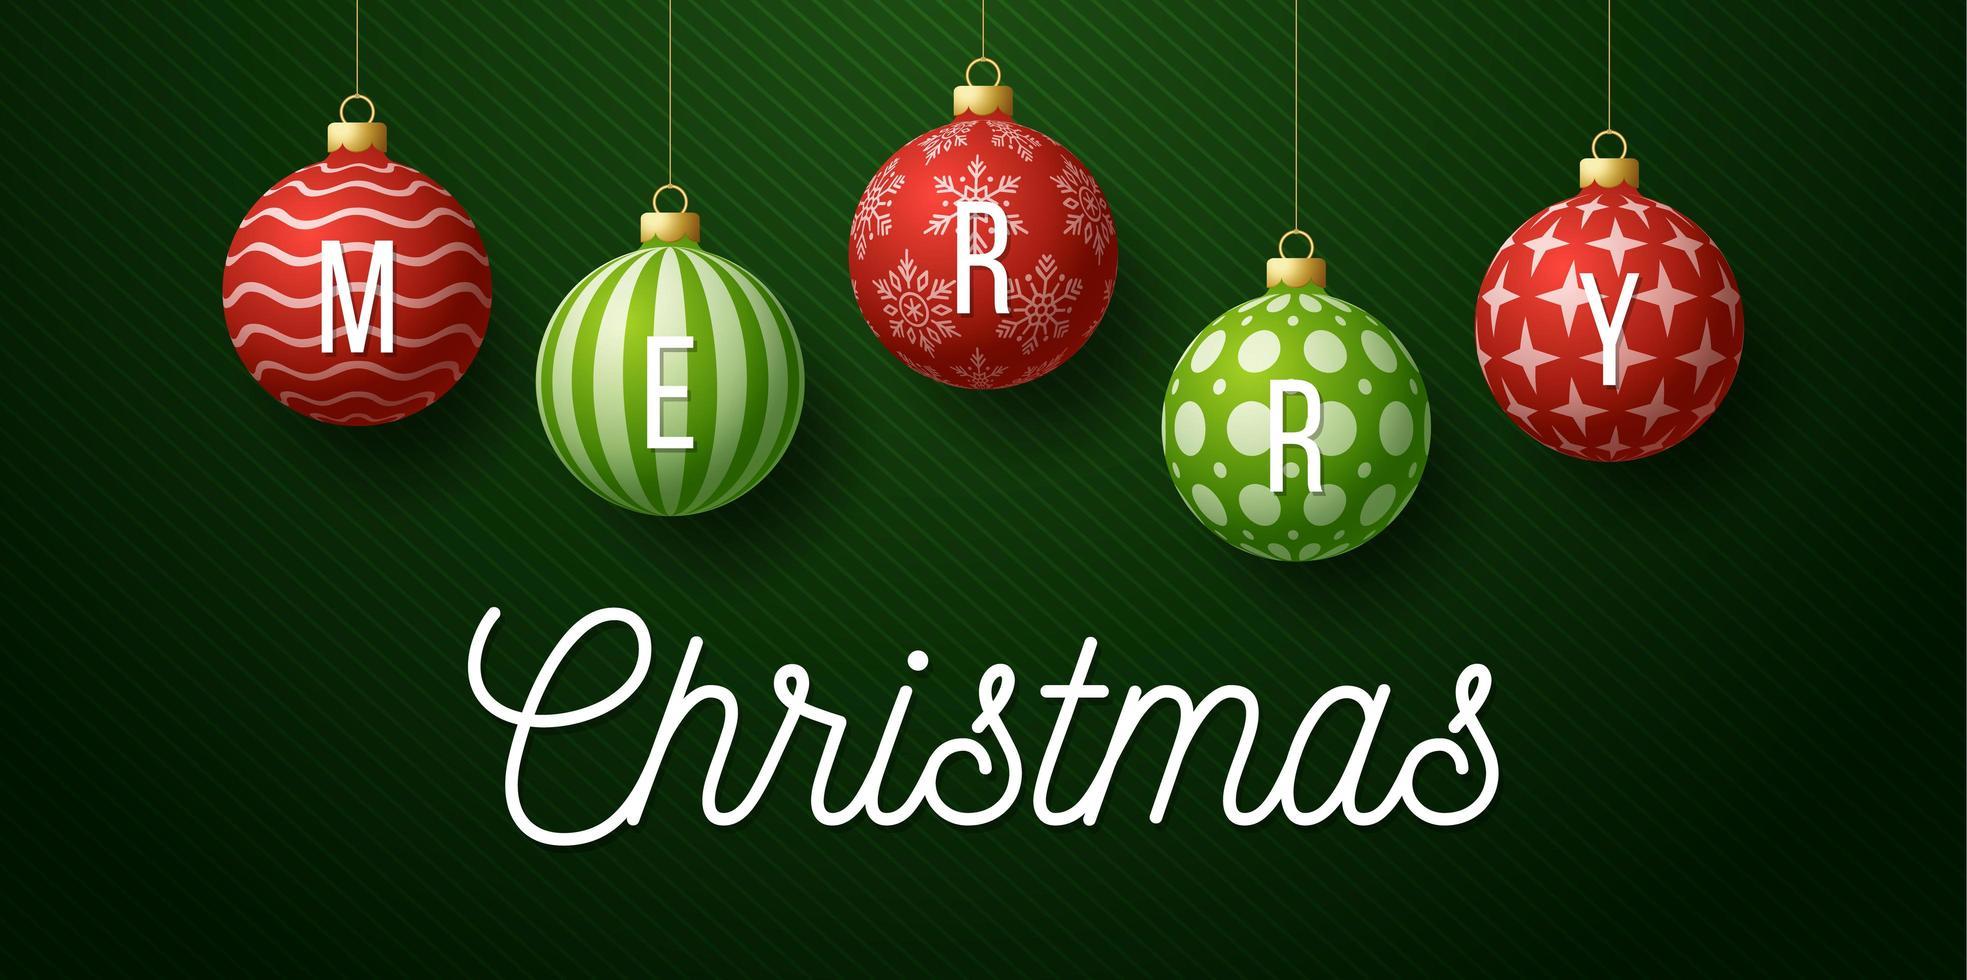 banner di Natale con ornamenti di palla rossa e verde decorati vettore